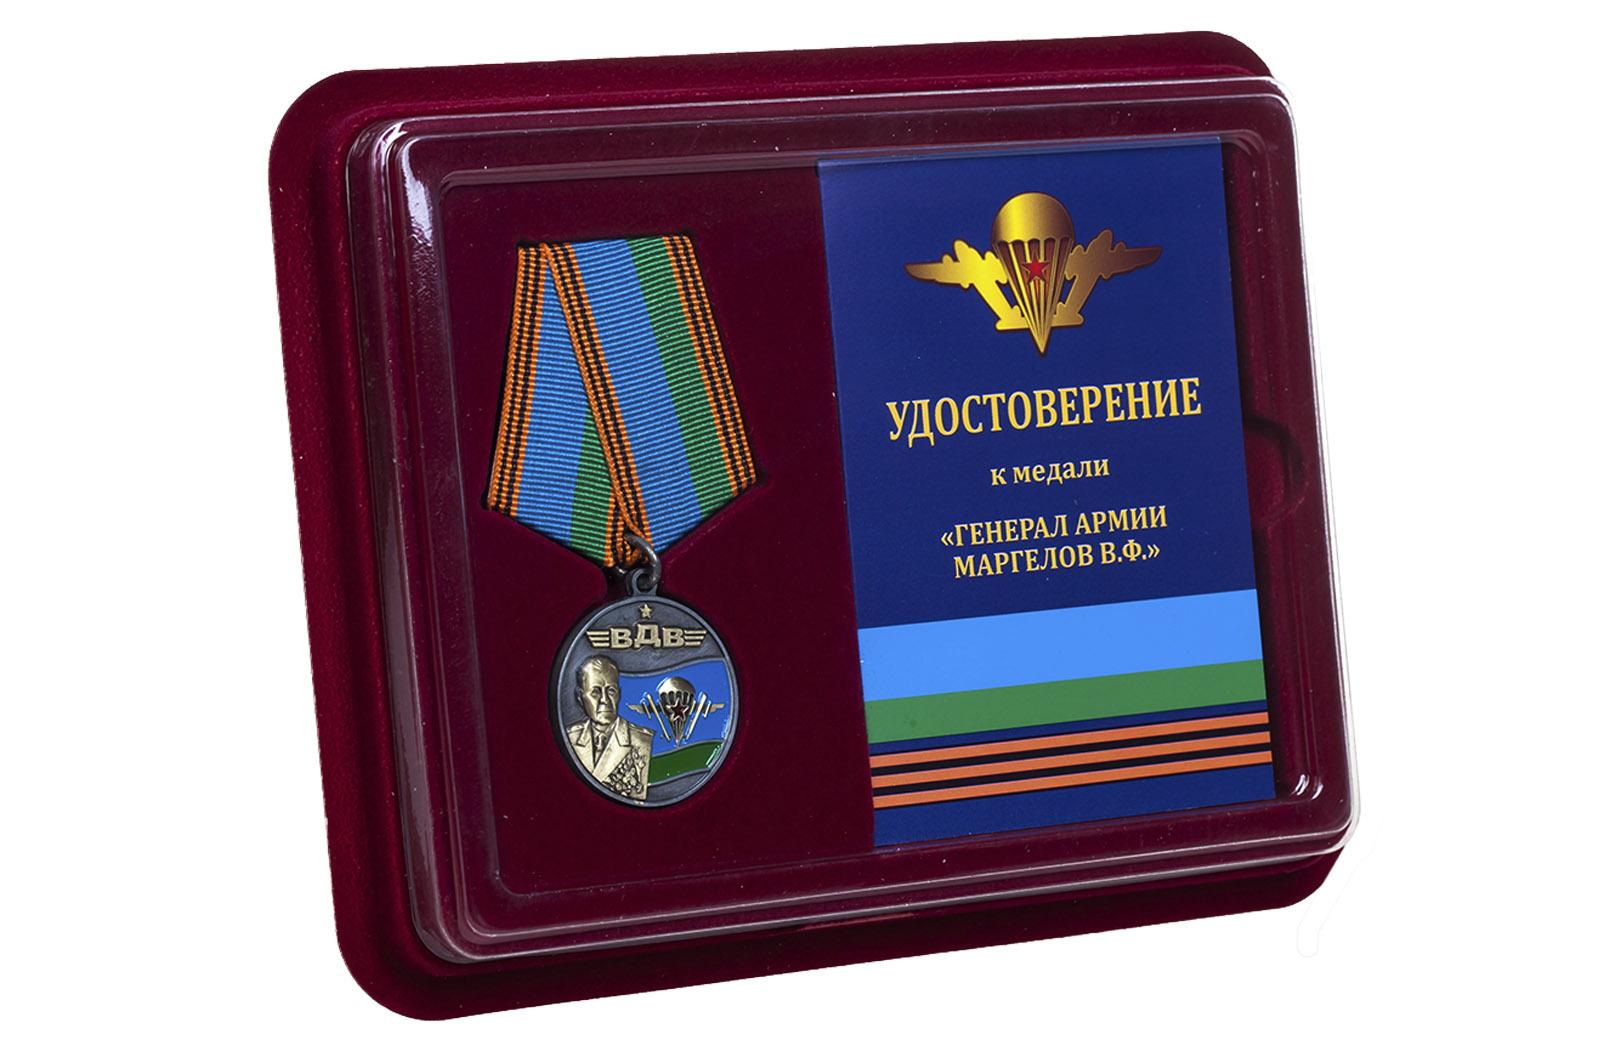 Купить медаль Генерал армии Маргелов в футляре с удостоверением оптом выгодно